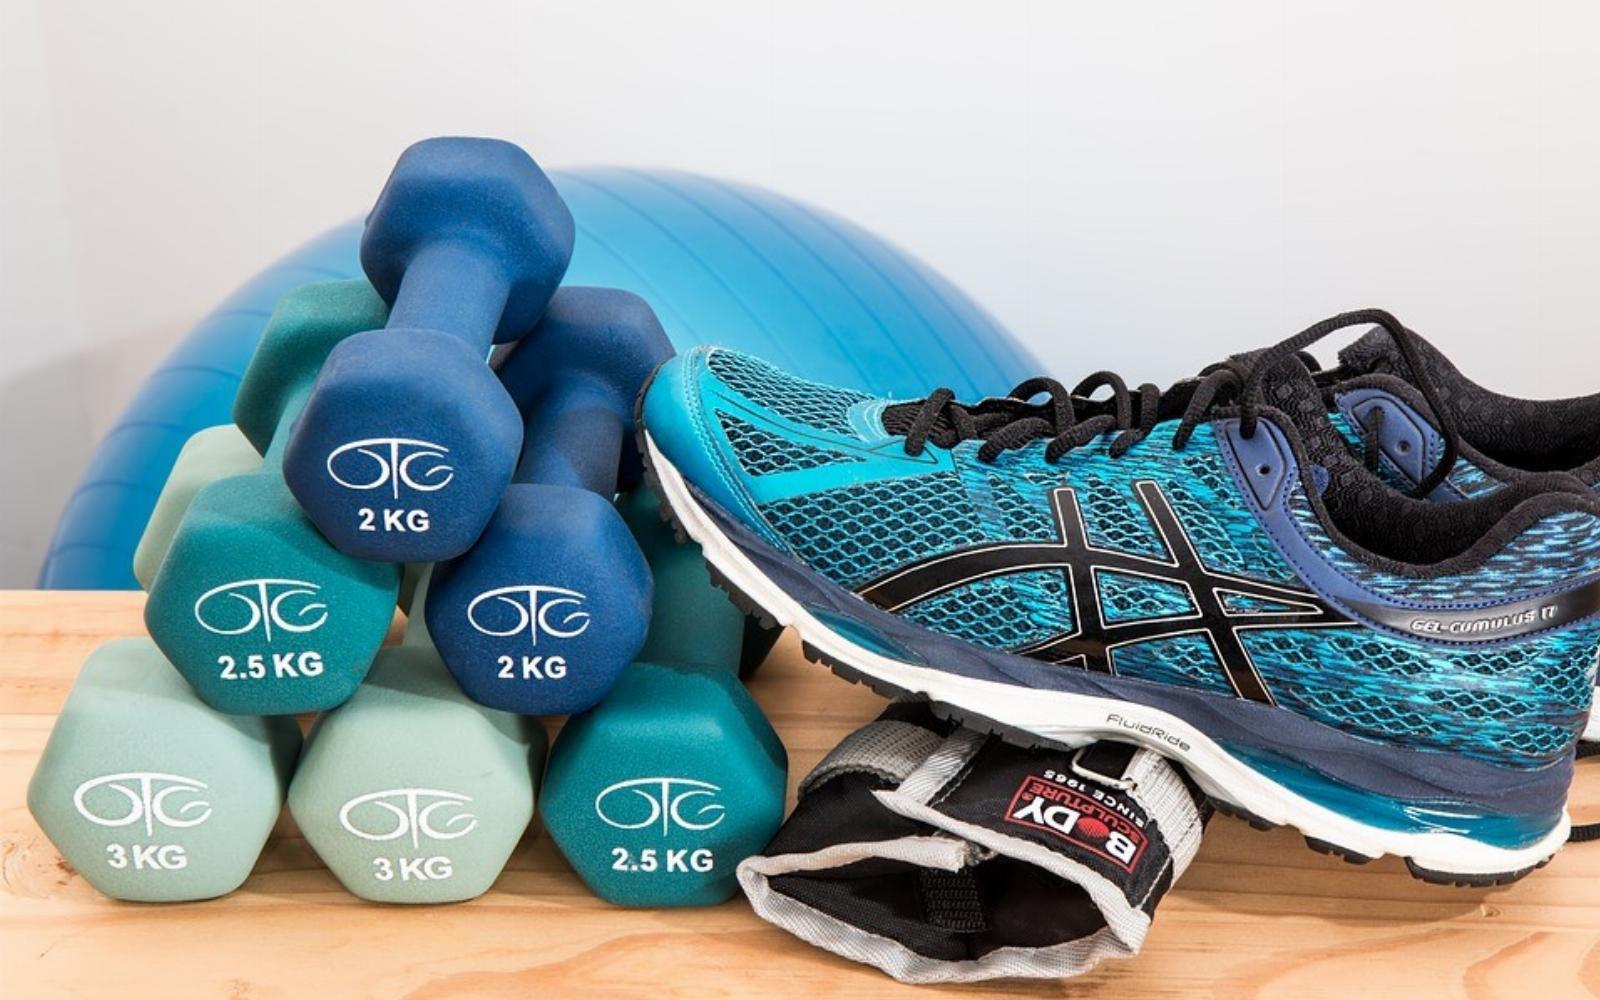 visszhang kg magas vérnyomás esetén hogyan teheti magát fogyatékossá magas vérnyomás miatt